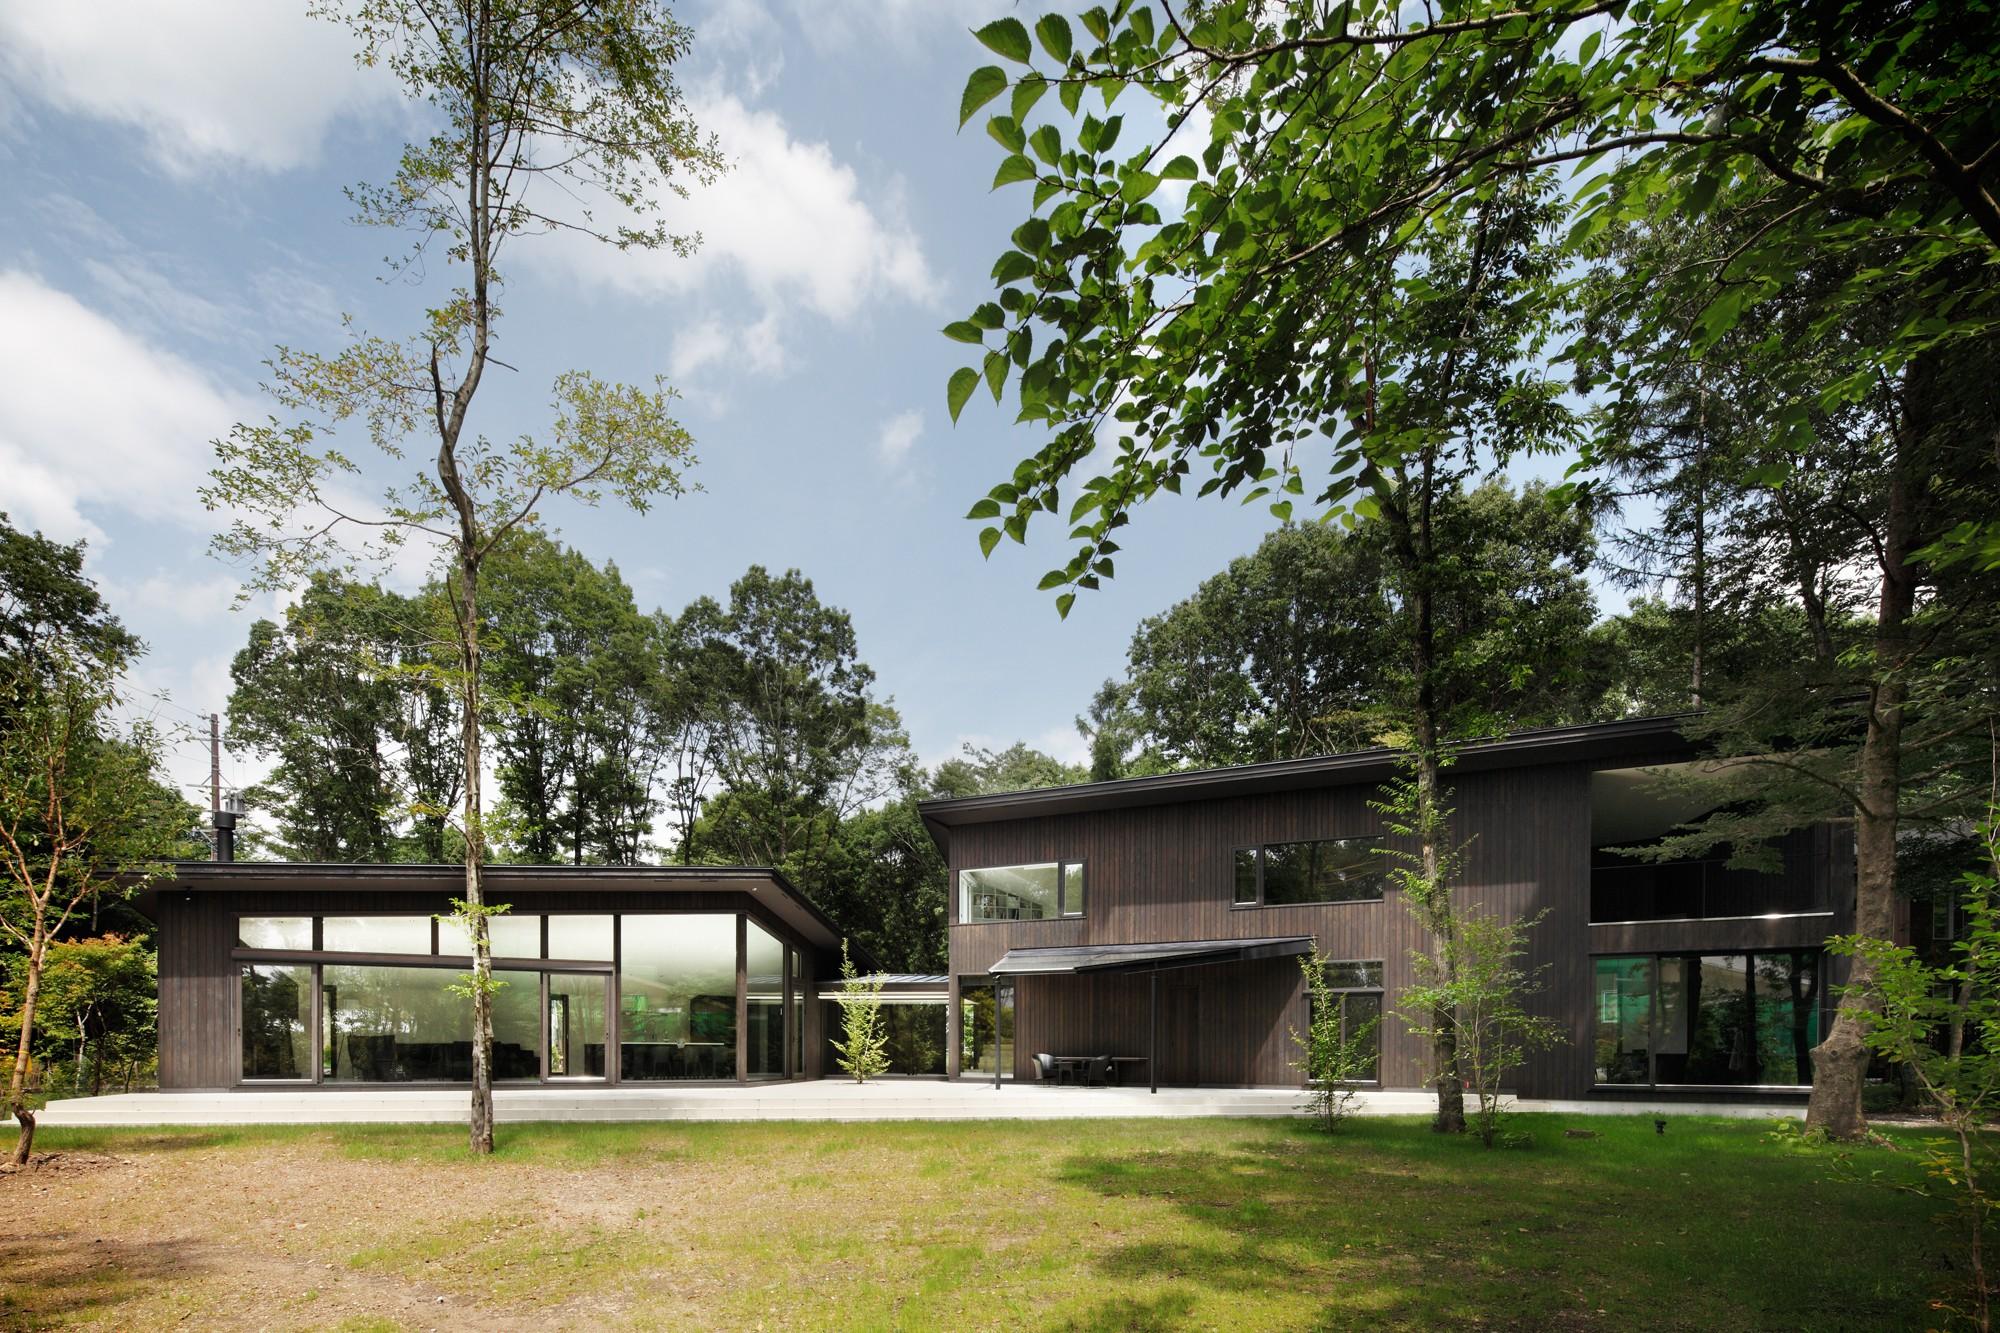 森の中に水平に広がる建物のライン , 写真 , 専門家プロファイル